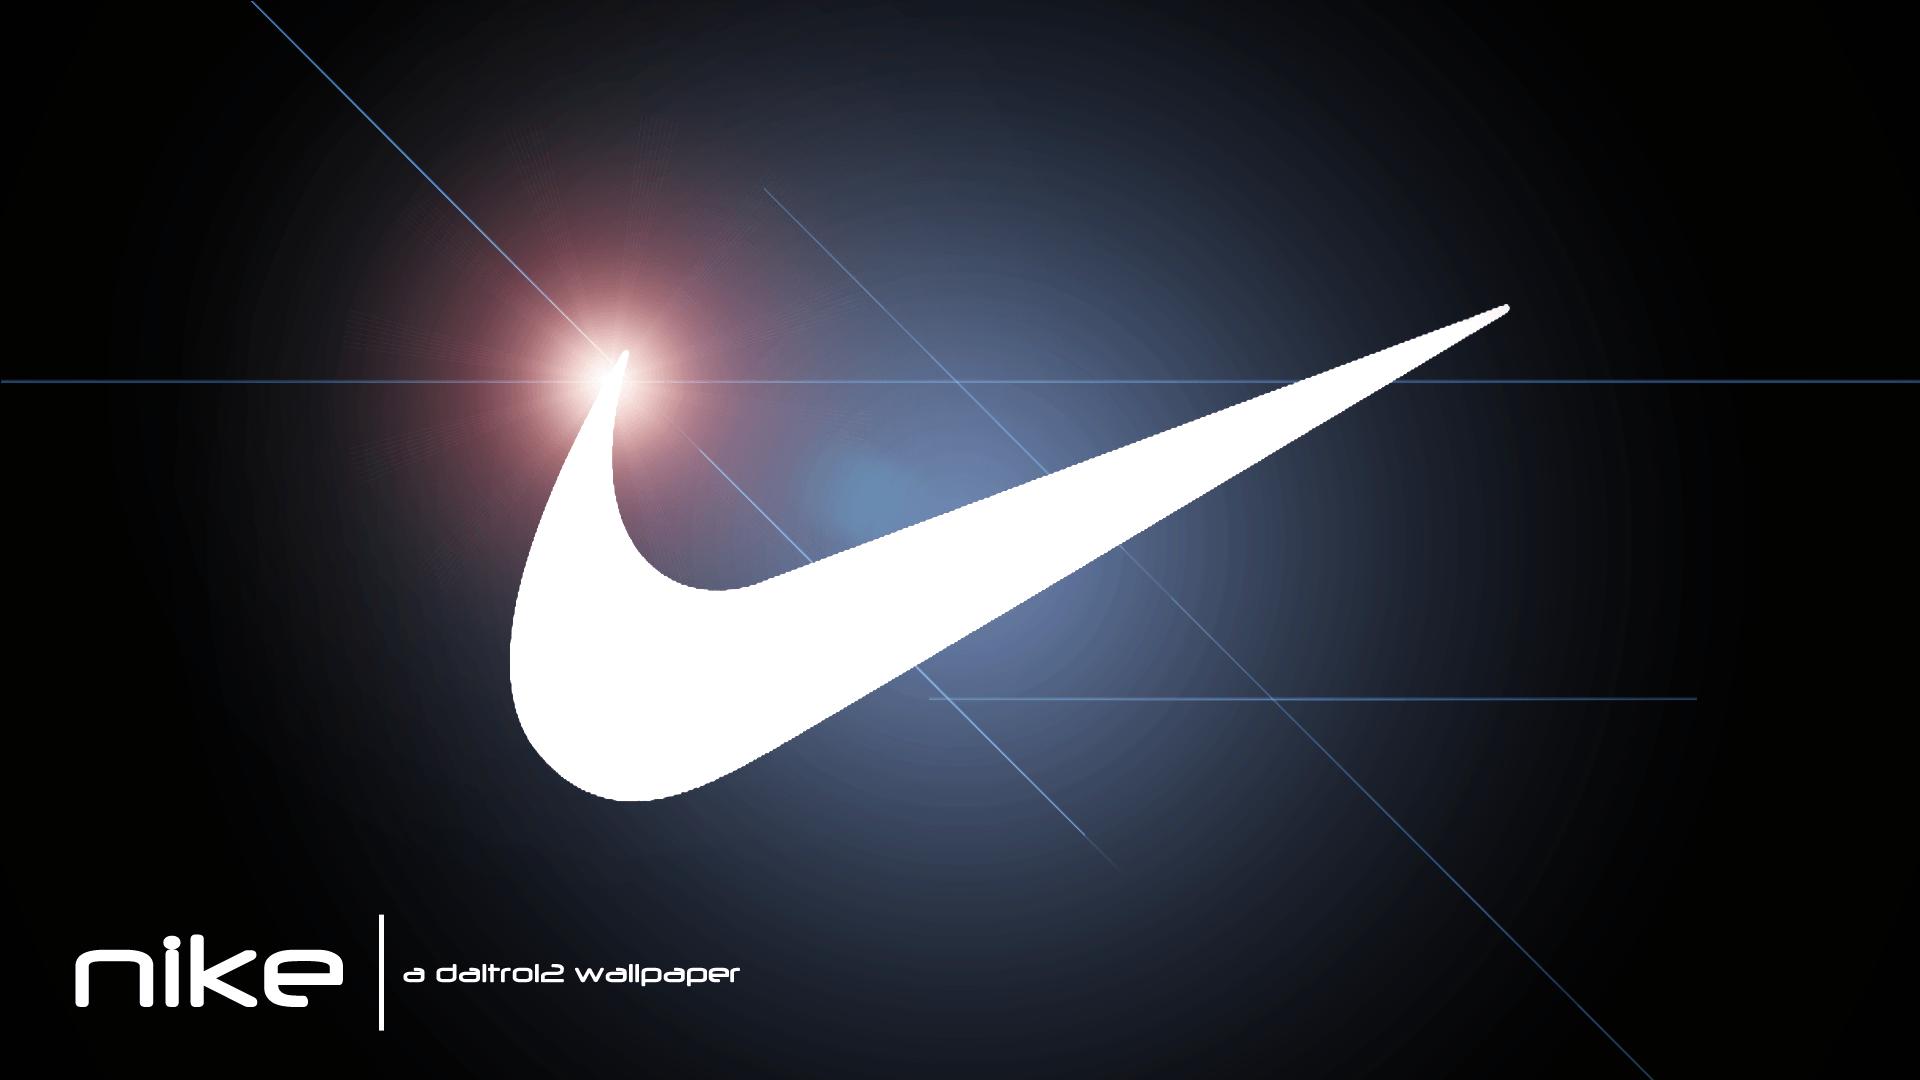 Logo nike wallpaper wallpapersafari - Nike Wallpaper Just Do It Wallpapersafari